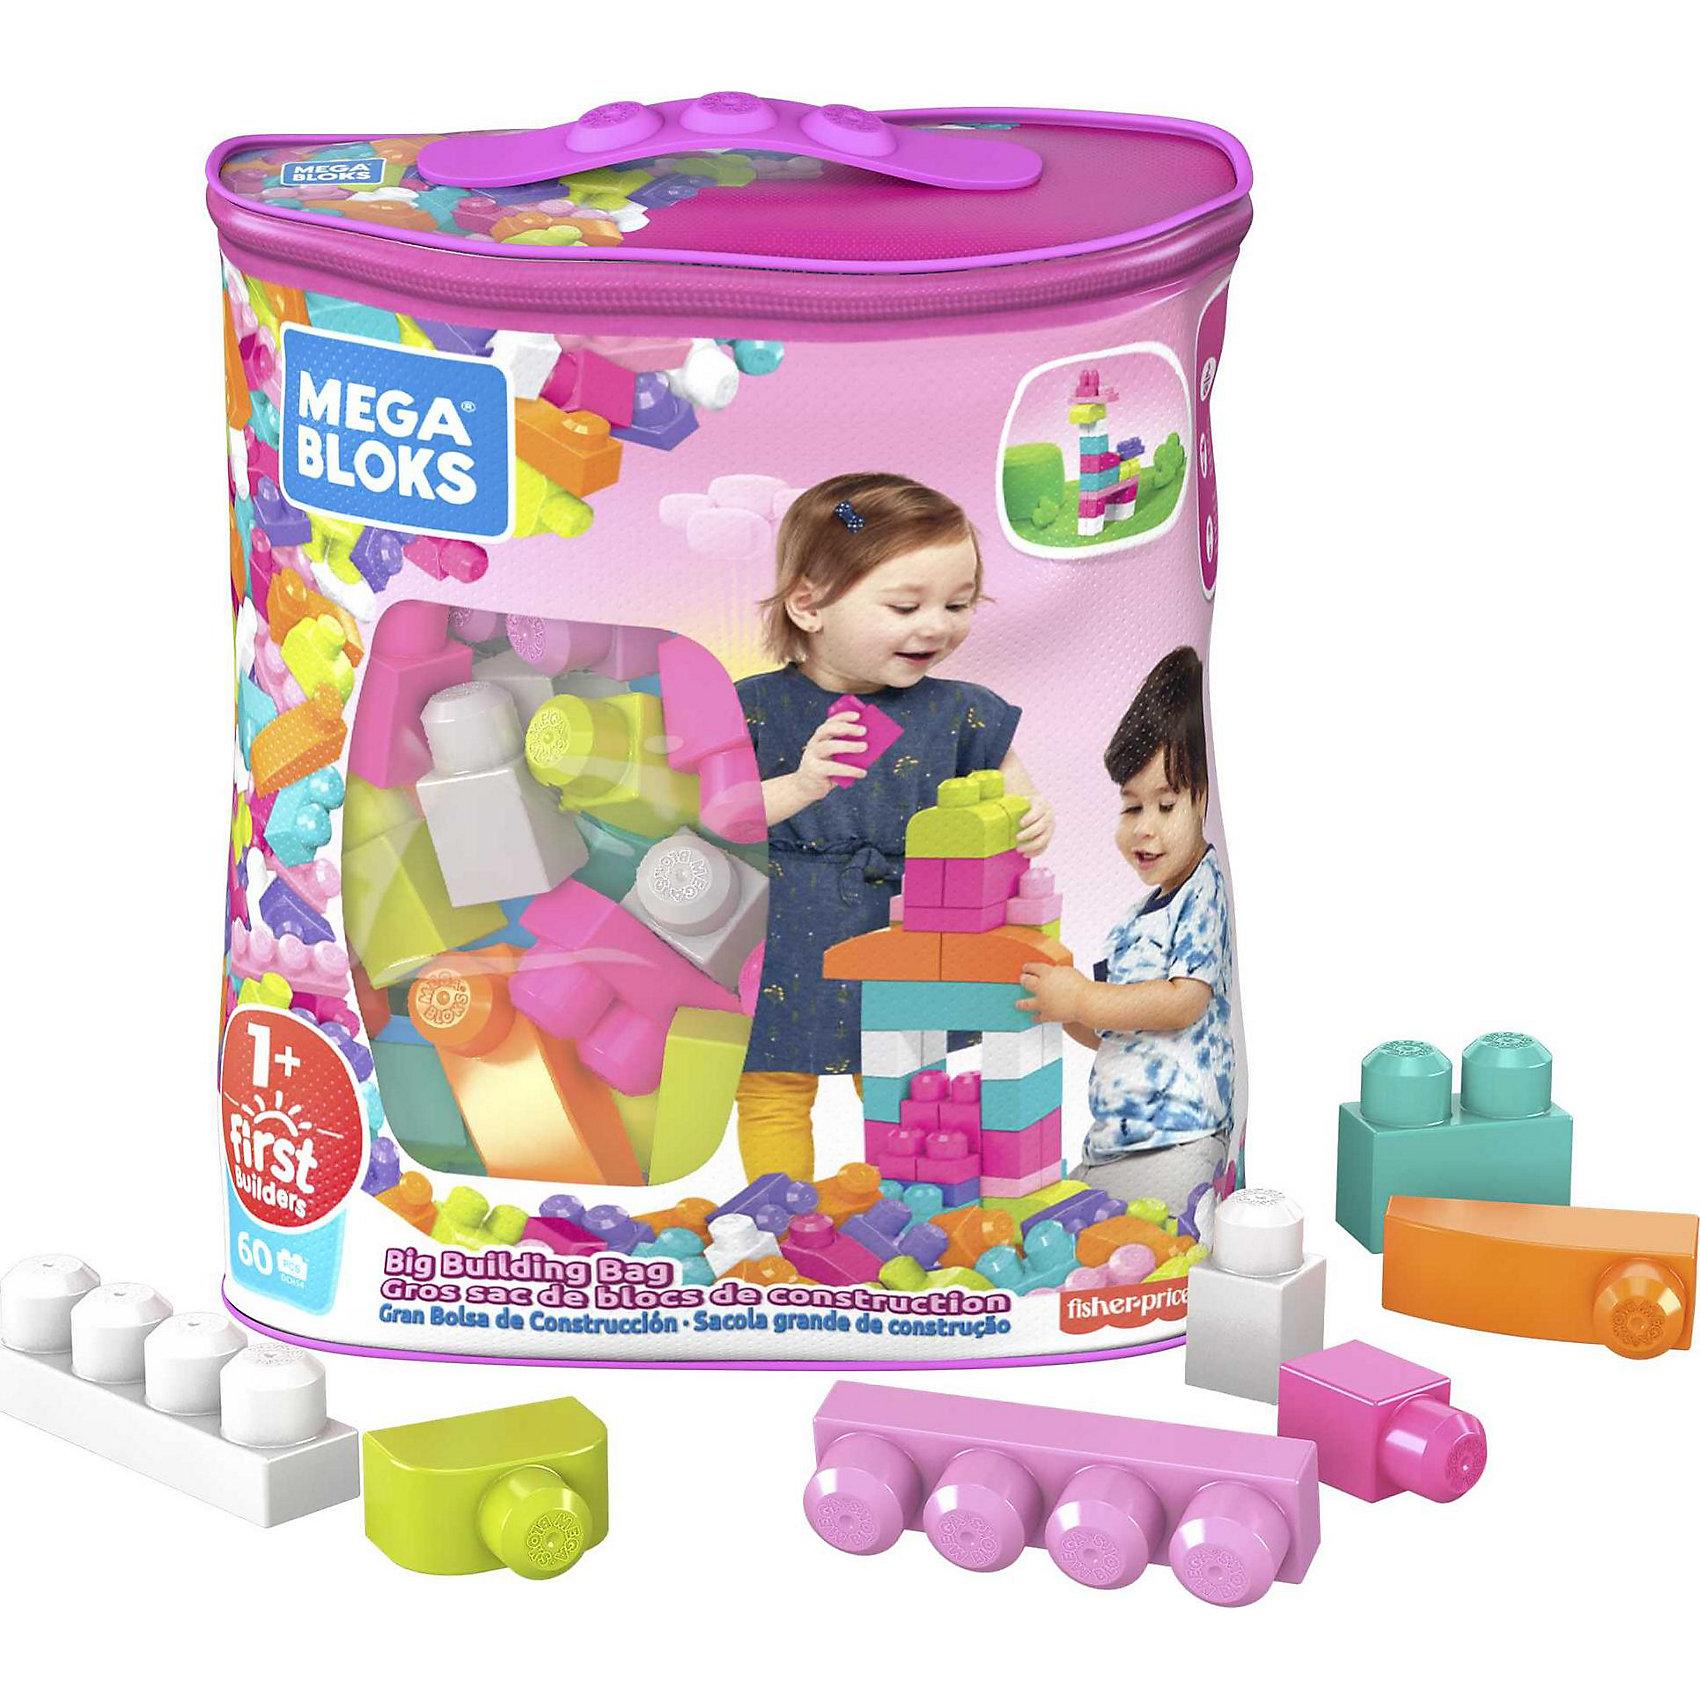 Конструктор из 60 деталей,  MEGA BLOKS First BuildersБольшой конструктор обязательно понравится детям! Детали конструктора окрашены в яркие цвета, из них можно построить что угодно, начиная от высокого здания и заканчивая миниатюрными машинками. Конструирование прекрасно развивает мелкую моторику, цветовосприятие, внимание, фантазию, образное и пространственное мышление. Все детали набора выполнены из высококачественного пластика, с применением экологичных красителей безопасных для детей. <br><br>Дополнительная информация:<br><br>- Материал: пластик.<br>- Количество деталей: 60.<br>- Размер: 15 х 35 х 30 см.<br>- Удобная сумка для хранения блоков. <br>- Конструктор совместим с наборами Mega Bloks First Builders.<br><br>Конструктор из 60 деталей, в ассортименте, MEGA BLOKS (Мега Блок) First Builders, можно купить в нашем магазине.<br><br>Ширина мм: 348<br>Глубина мм: 289<br>Высота мм: 180<br>Вес г: 930<br>Возраст от месяцев: 12<br>Возраст до месяцев: 48<br>Пол: Женский<br>Возраст: Детский<br>SKU: 3180433